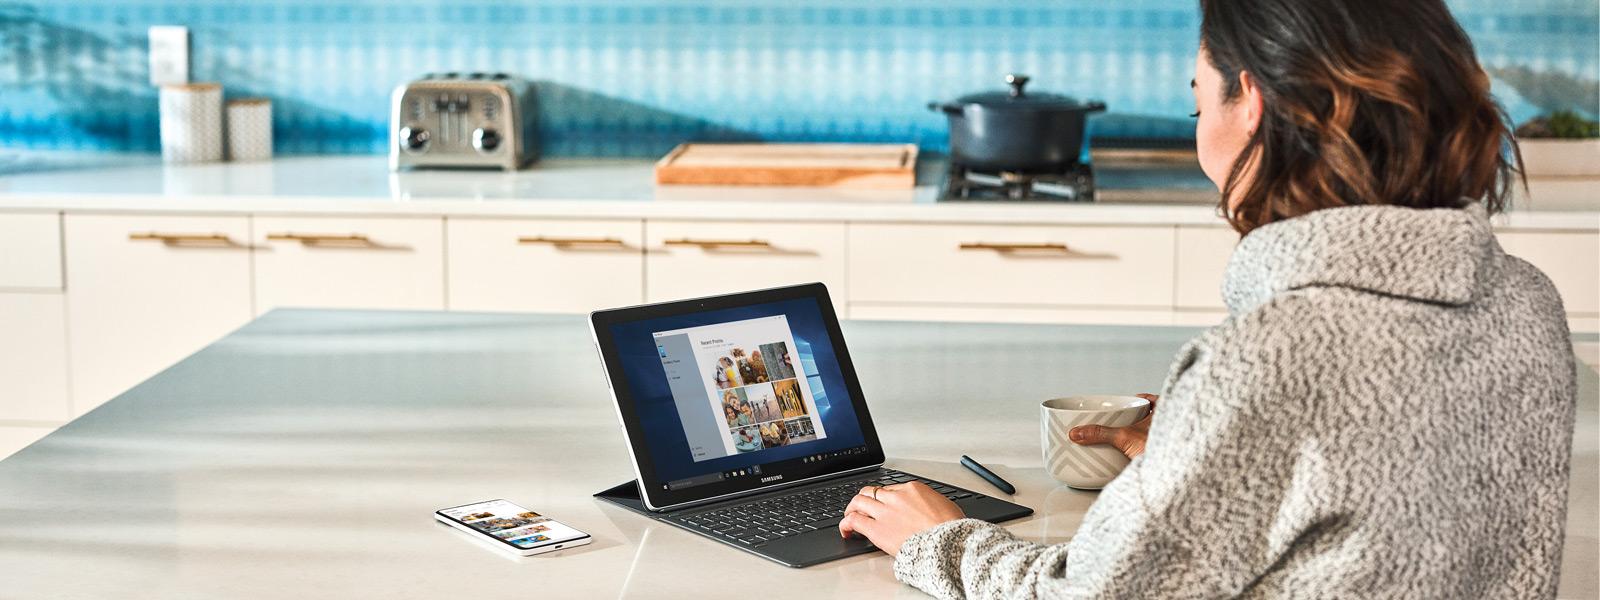 Keittiön työtason ääressä istuva nainen käyttämässä kannettavaa Windows 10 -tietokonetta matkapuhelimella